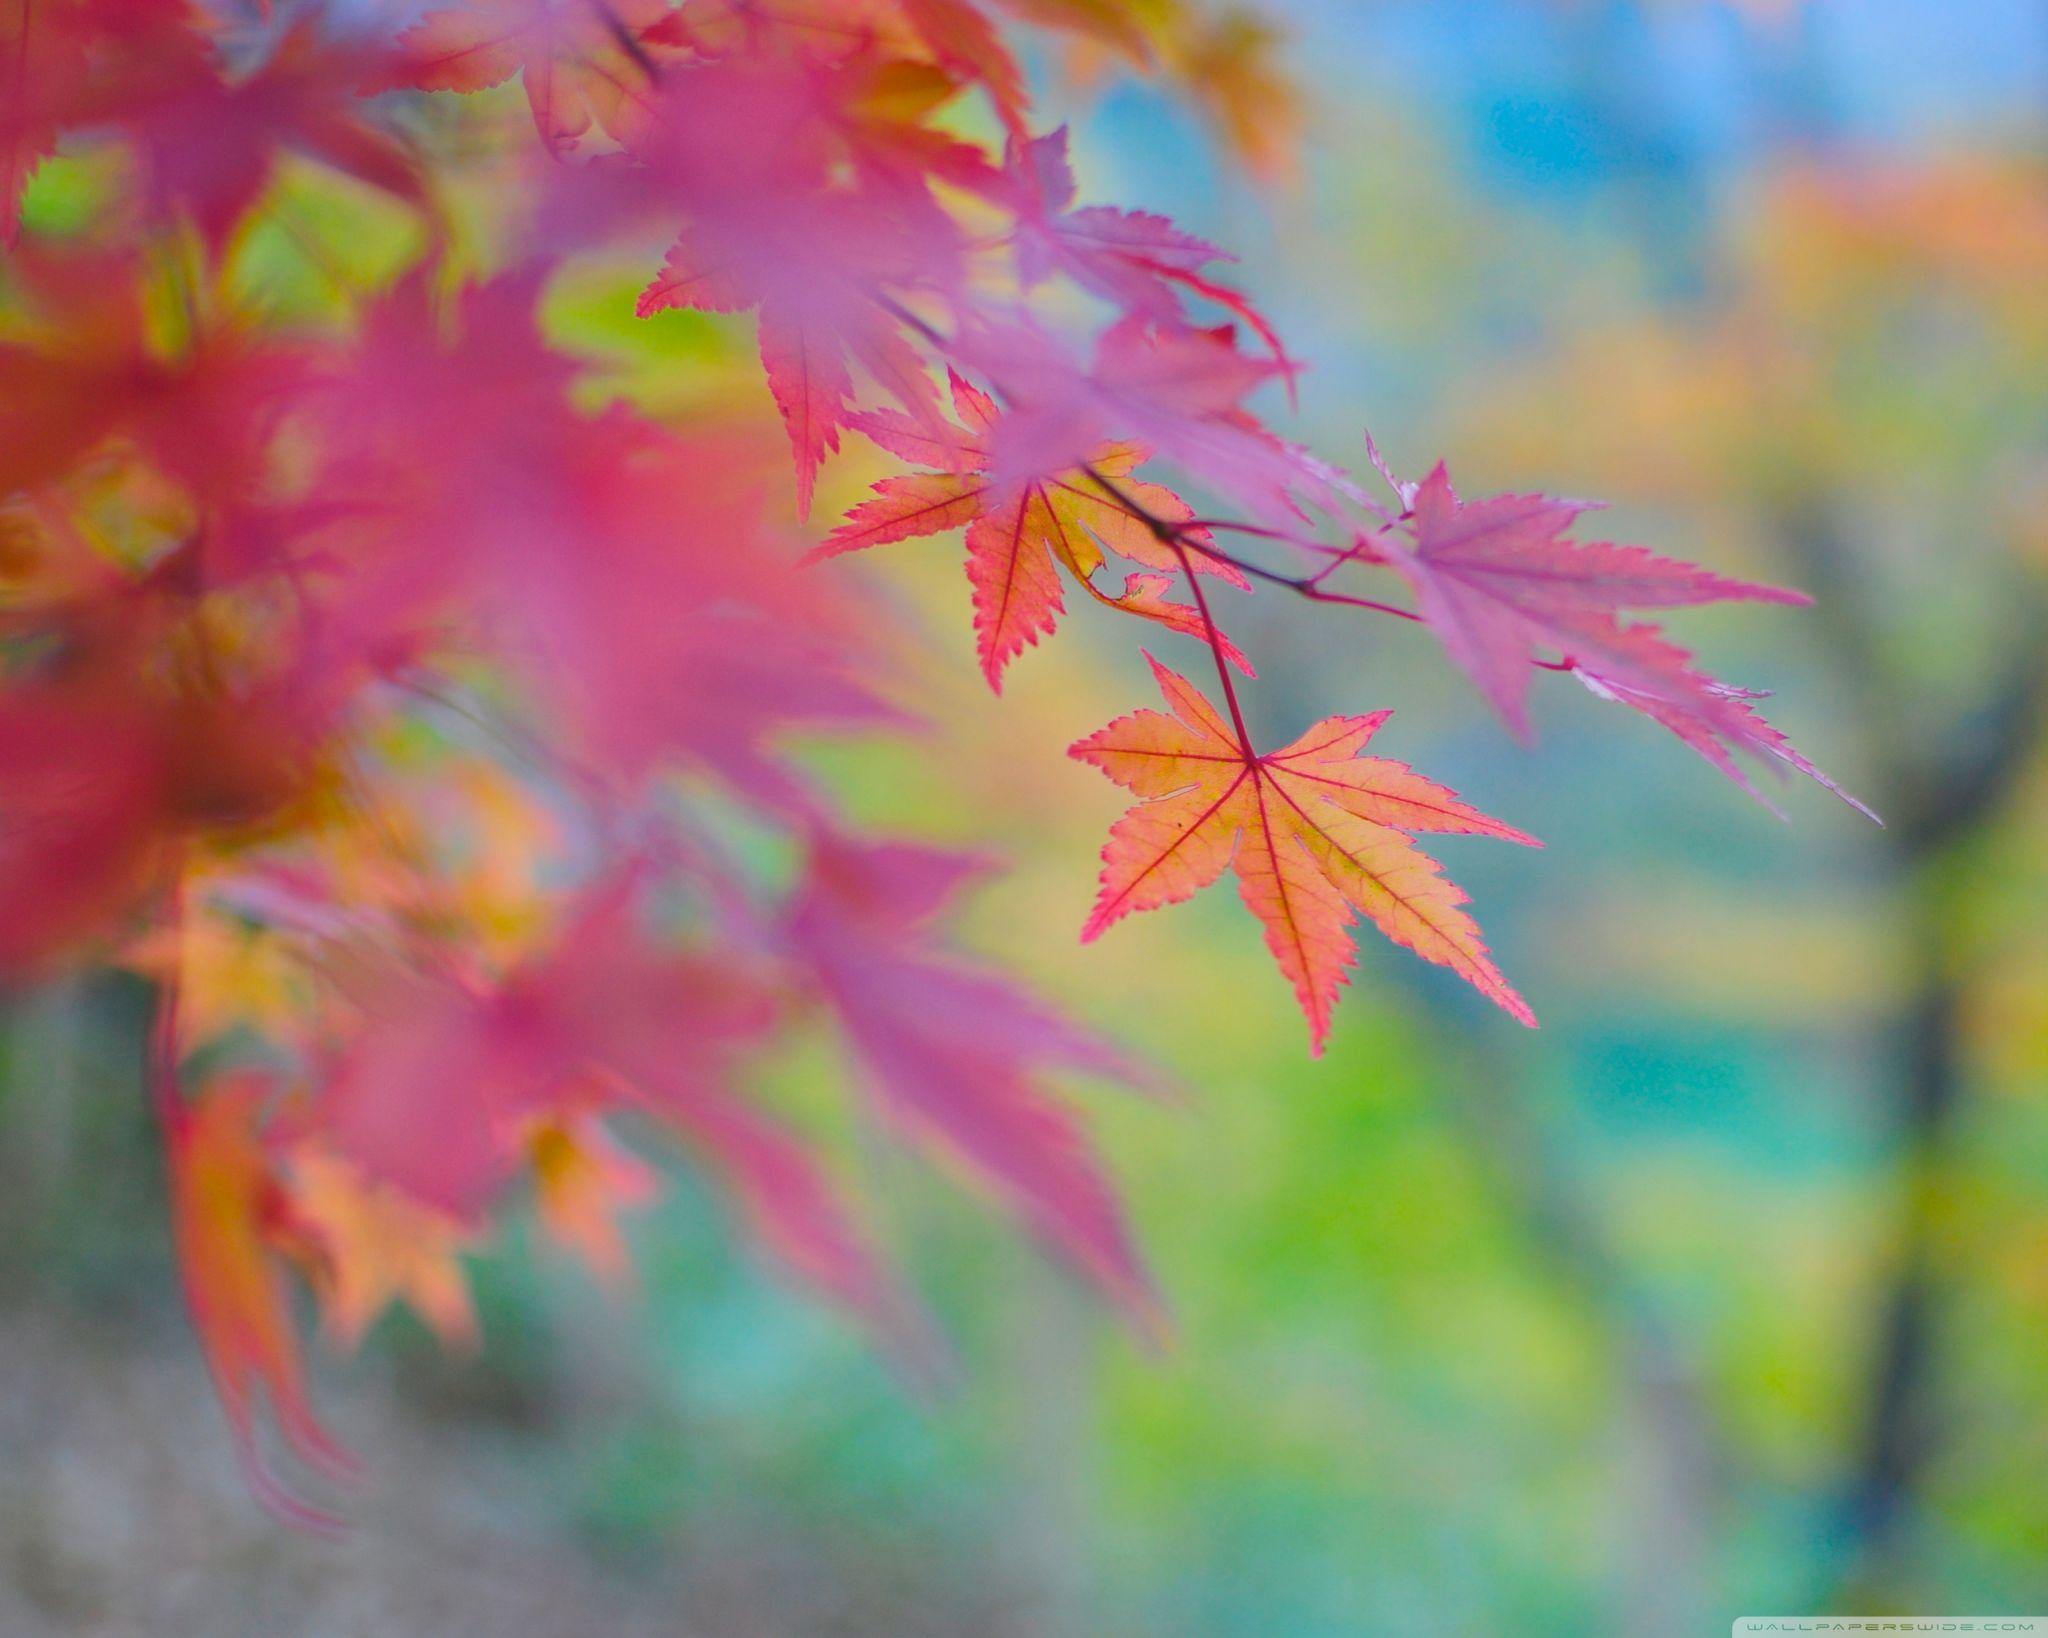 Autumn [6]